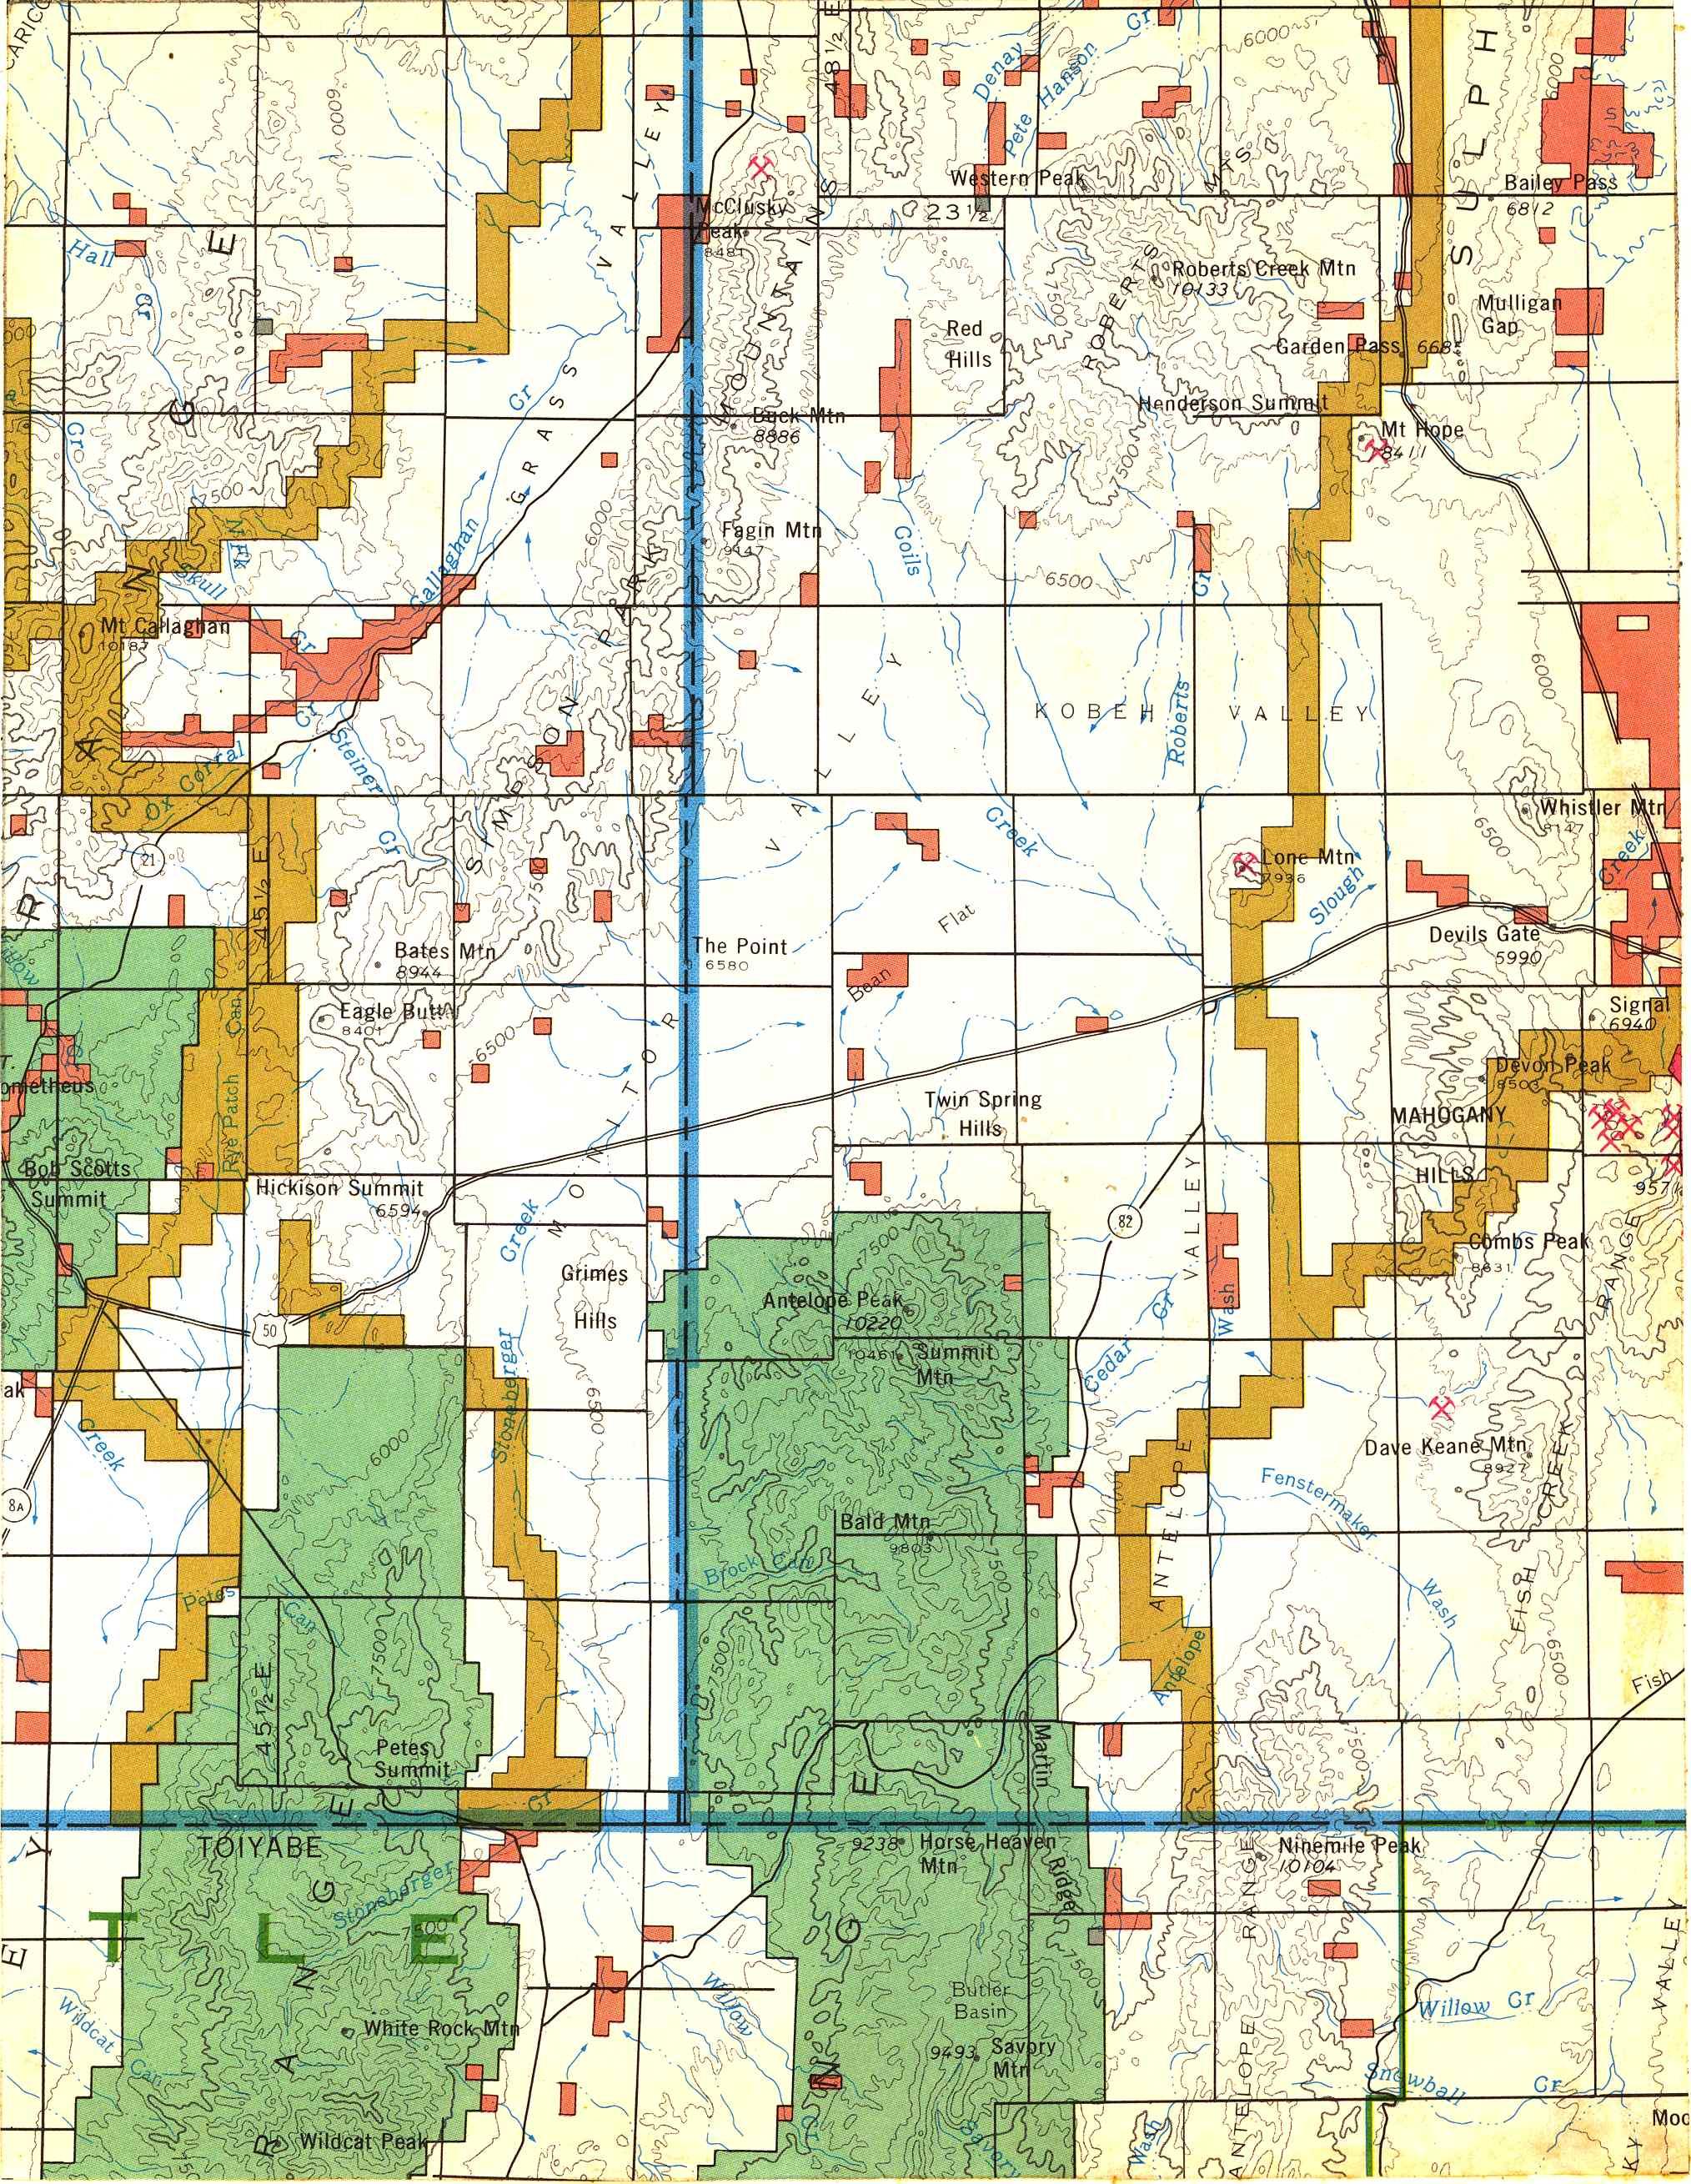 Map [2] 39:116 - Garden Pass - 1972